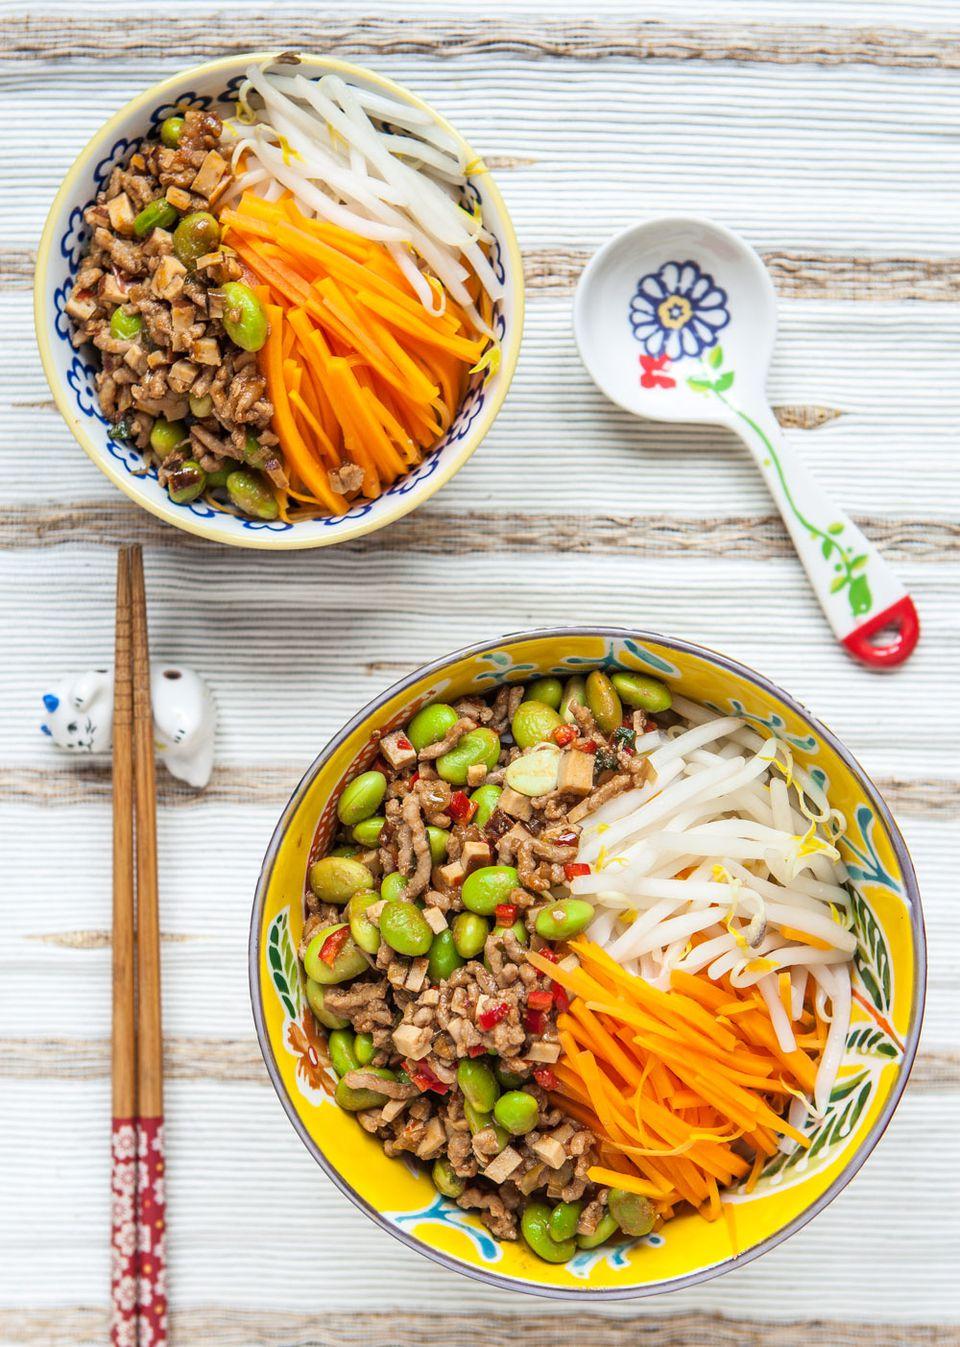 Zhajiangmian recipe